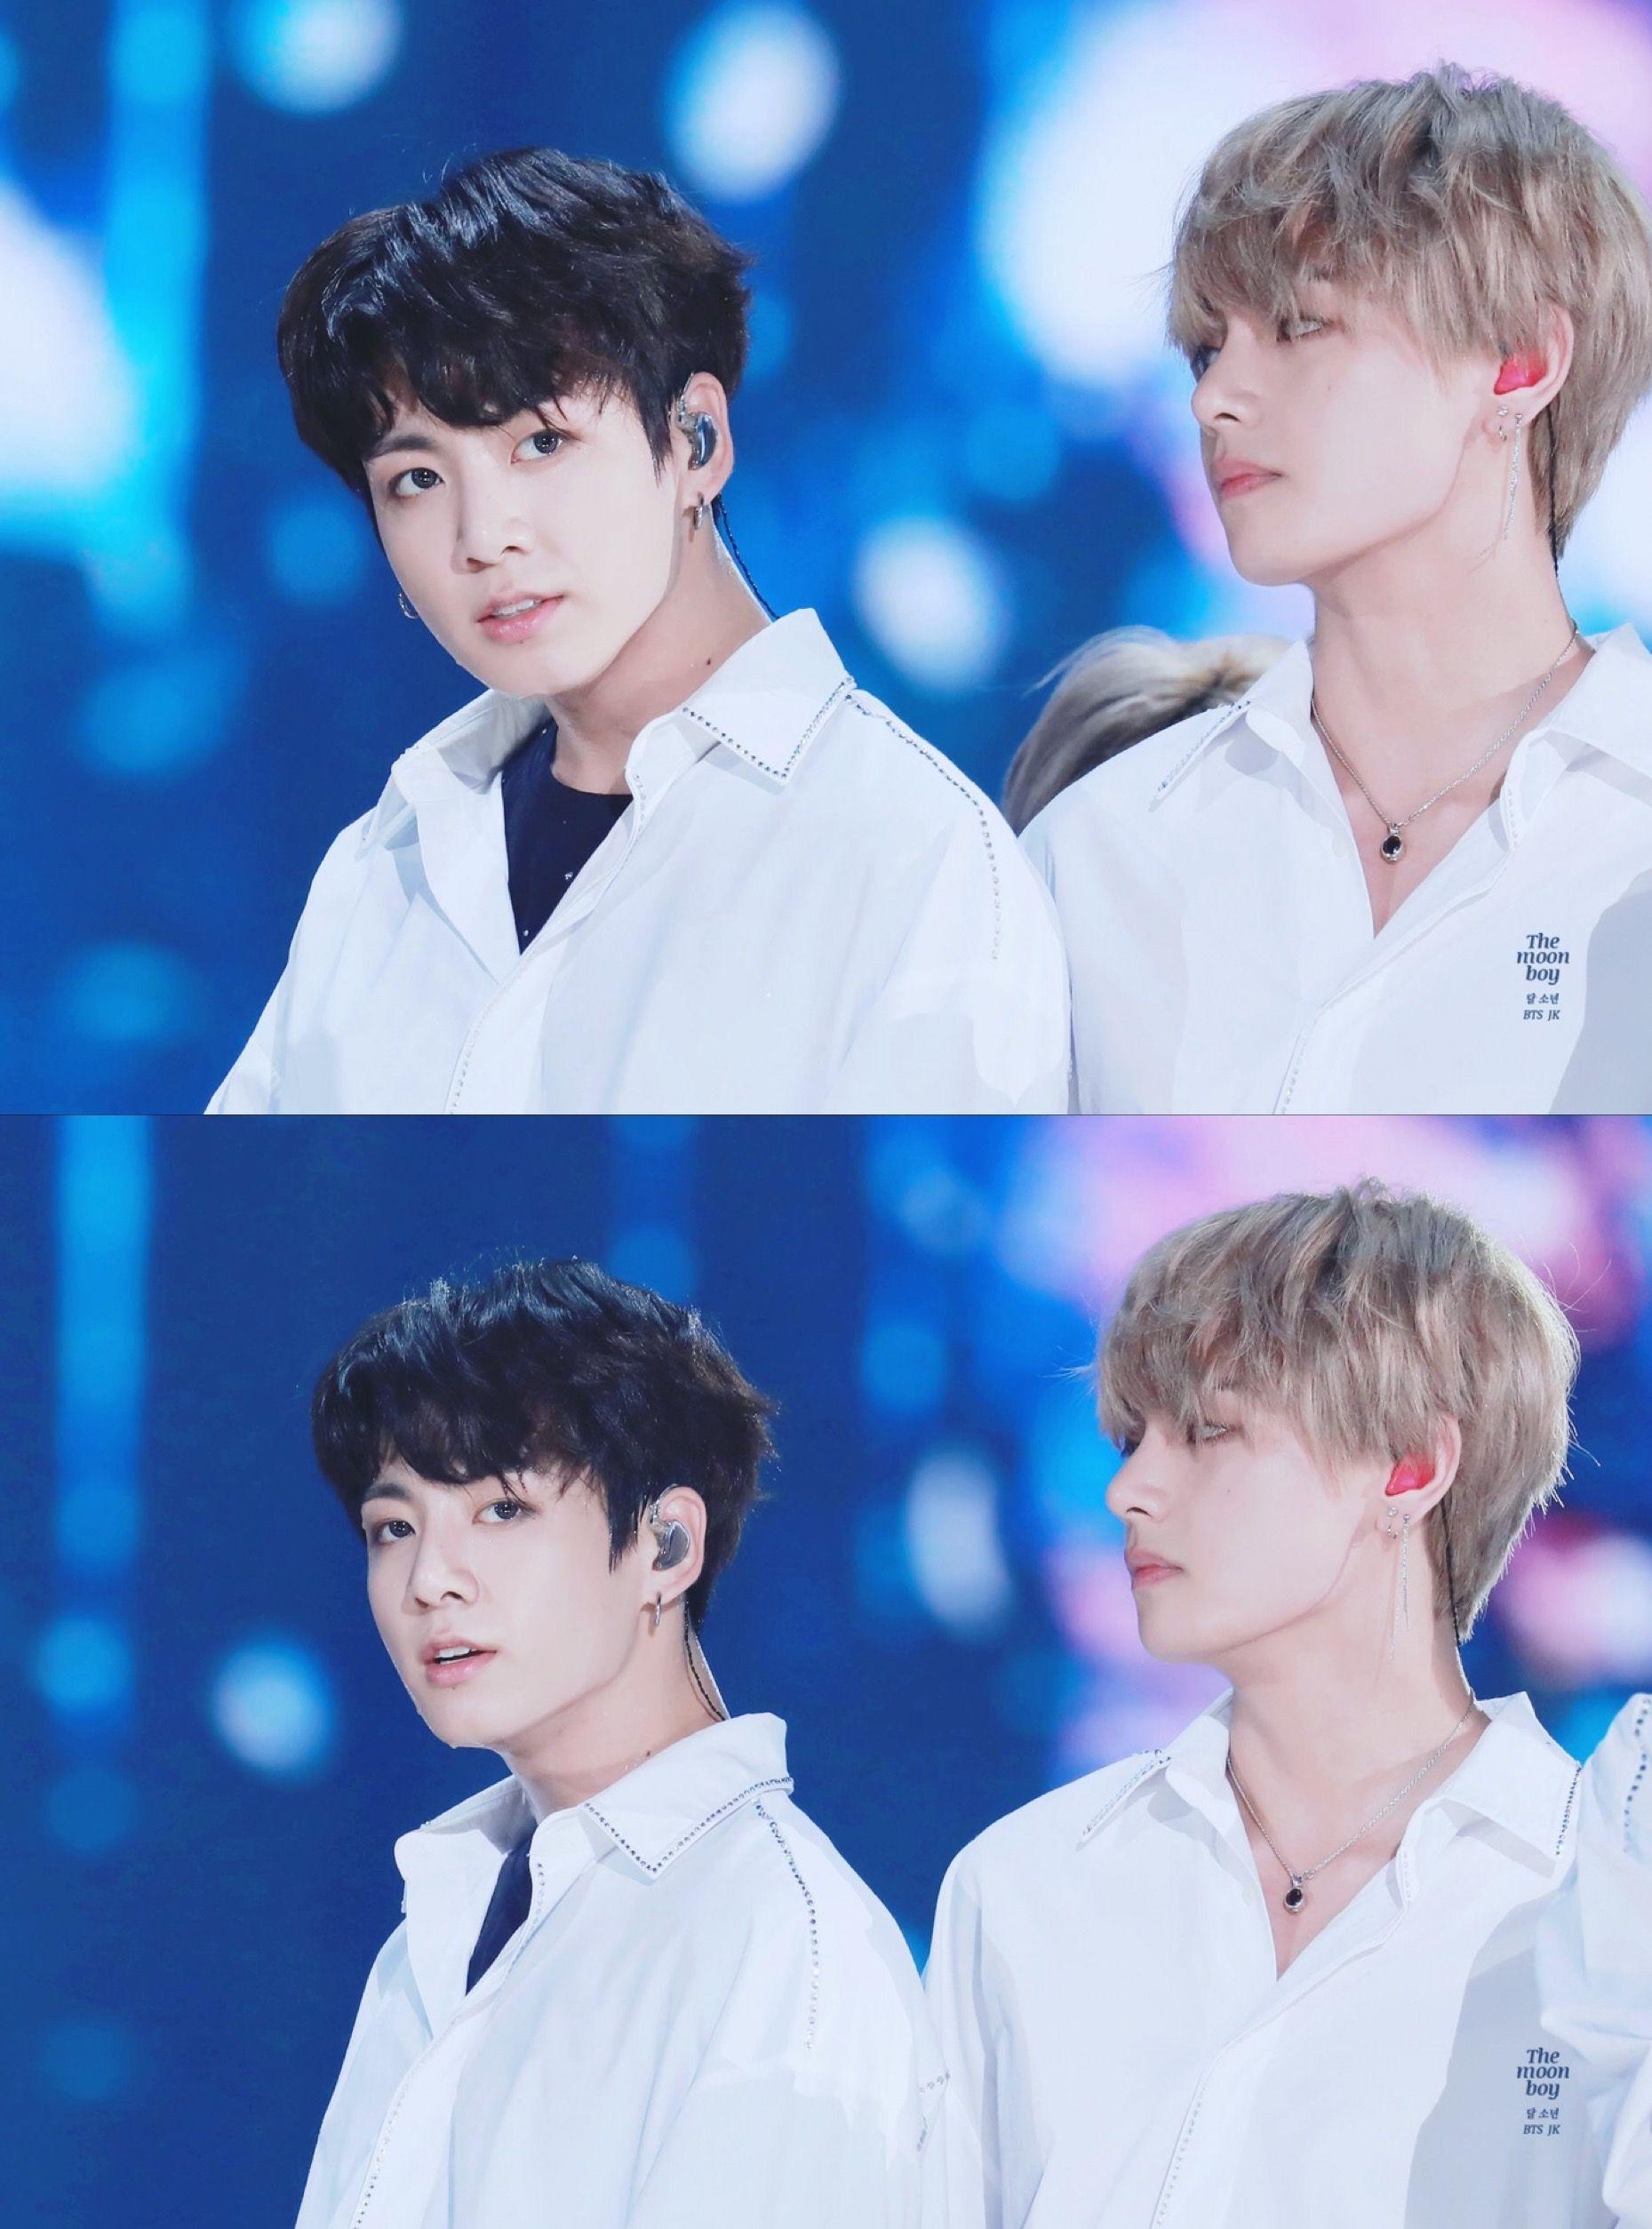 Phát sốt vì cặp bromance hot nhất Kpop: V lén làm một điều cho Jungkook, ai ngờ sau 1 năm bị ghi lại hết trong clip - Ảnh 6.